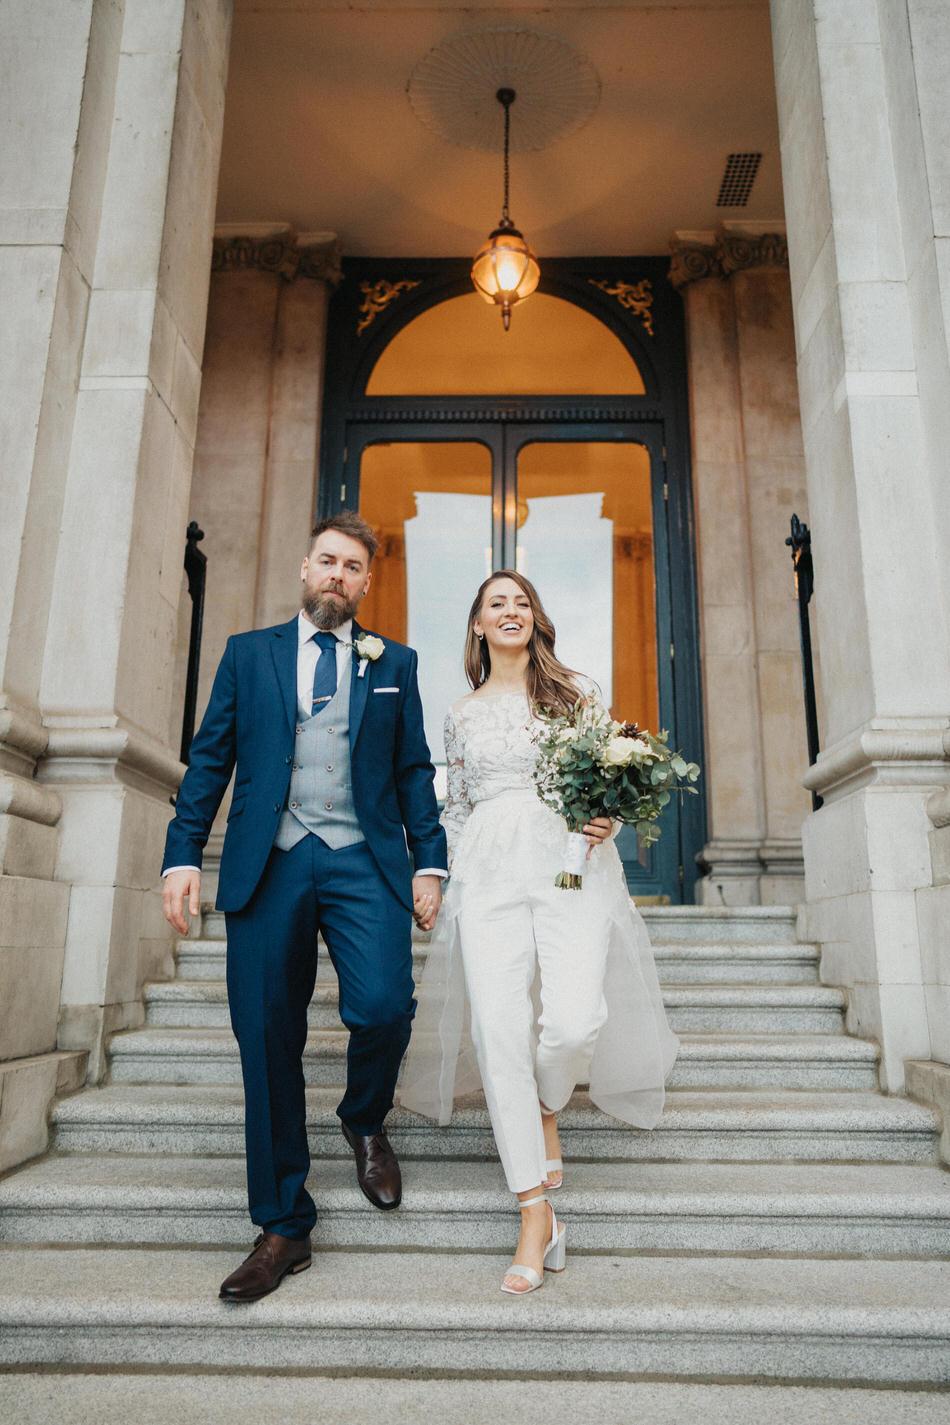 City-hall-dublin-wedding-photos-62 61